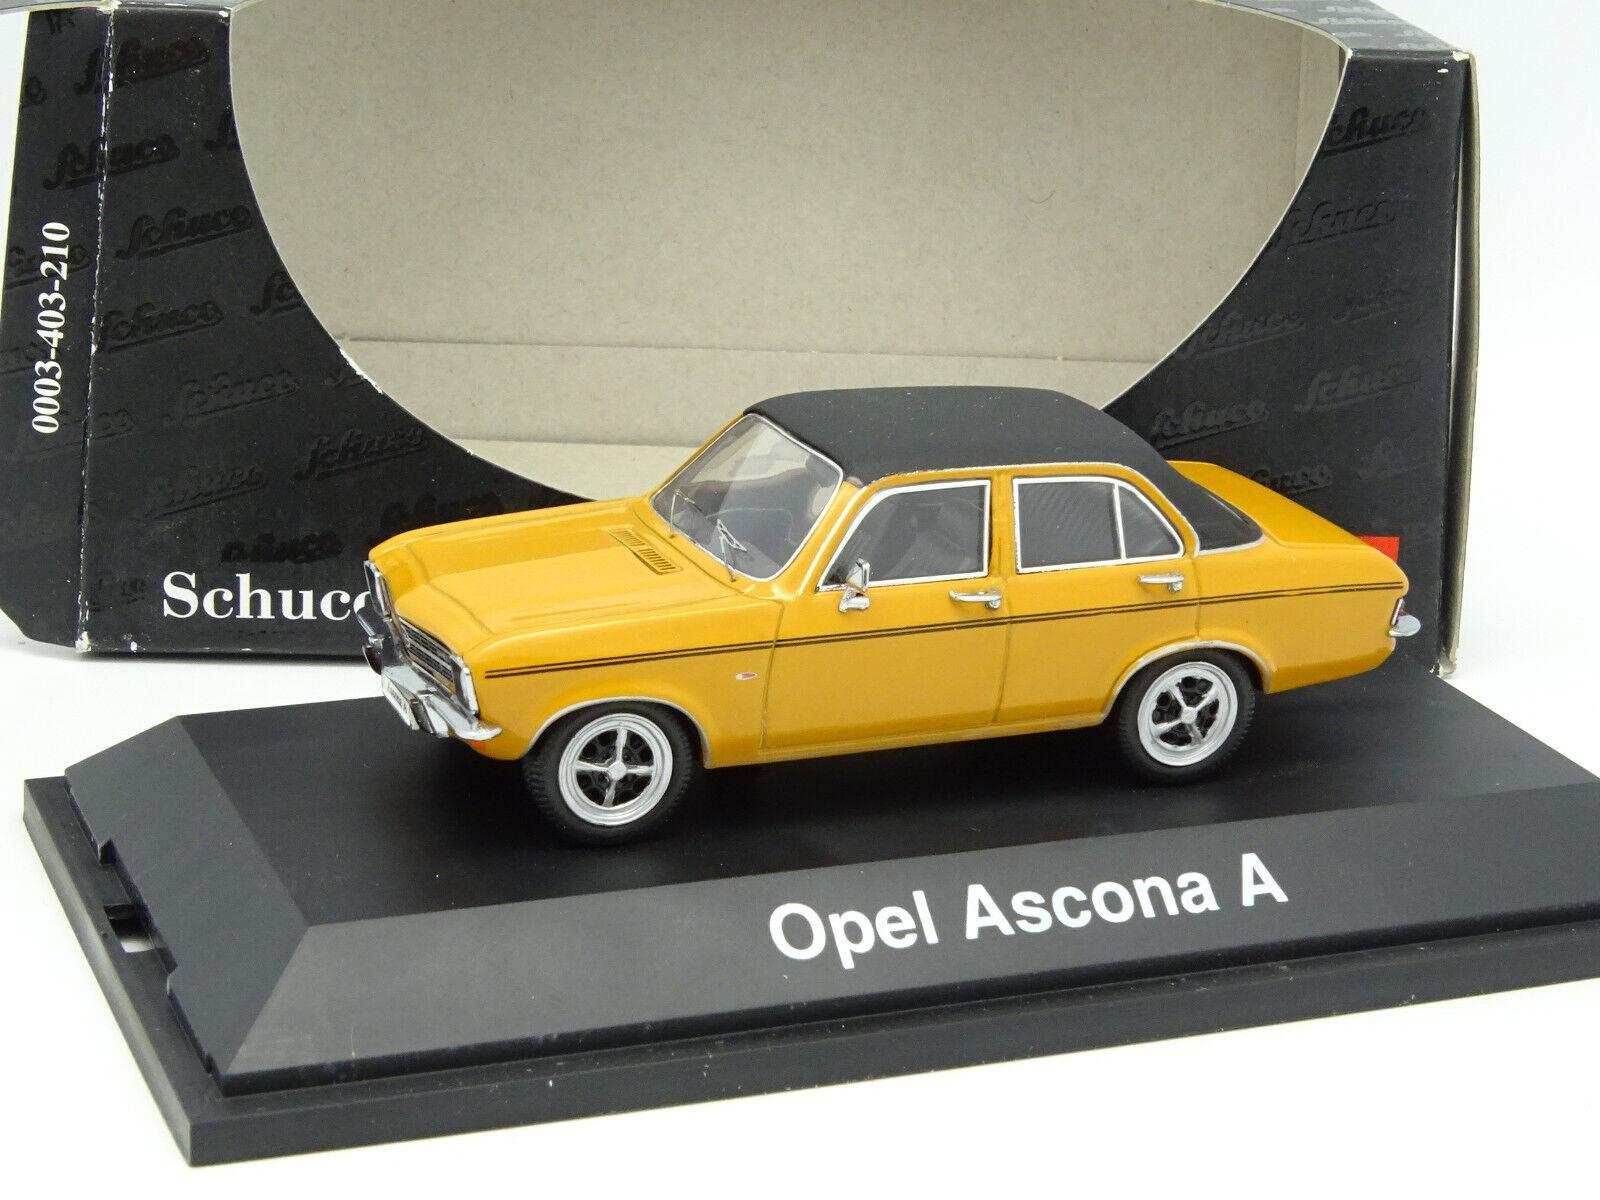 Schuco 1 43 - Opel Ascona A orange